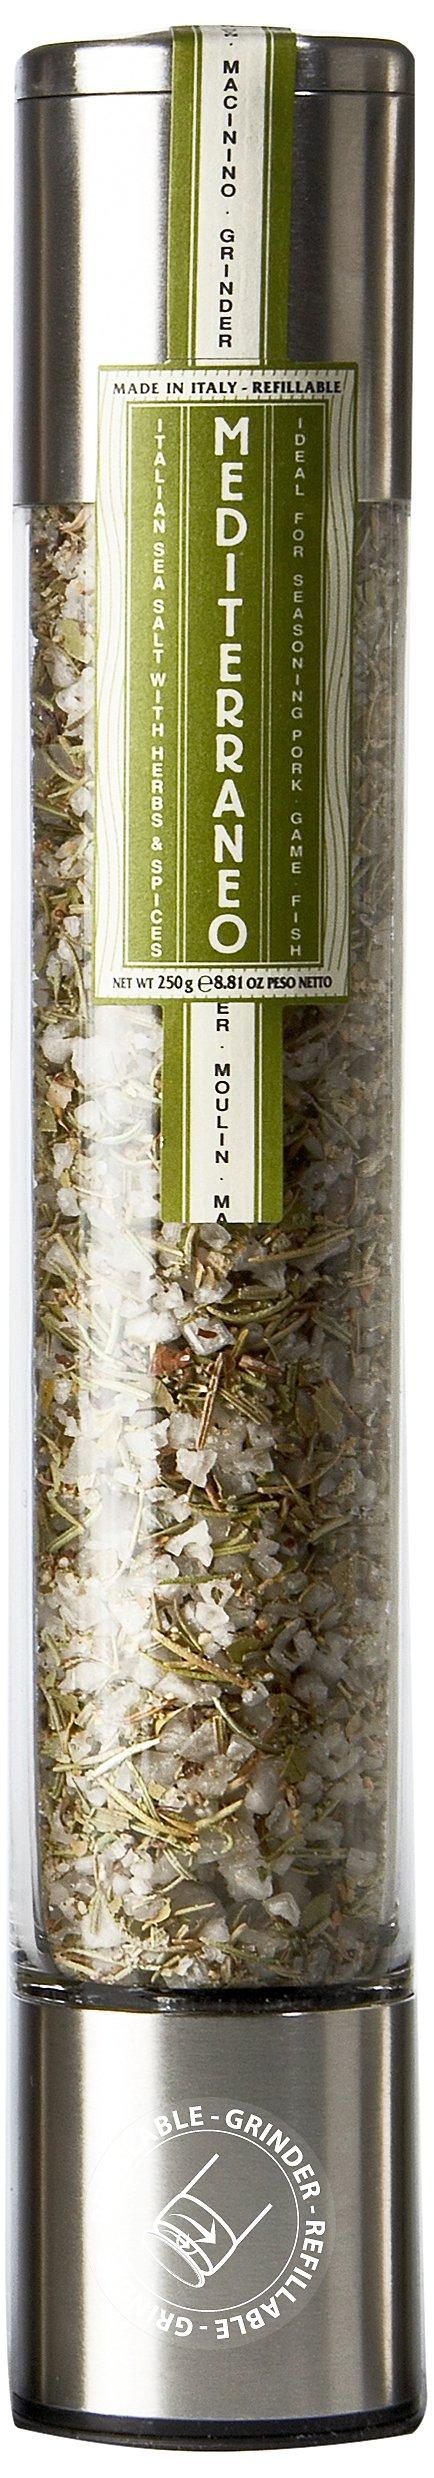 Mediterraneo, Sea Salt & Spice Grinder - 8.8 oz metallic grinder